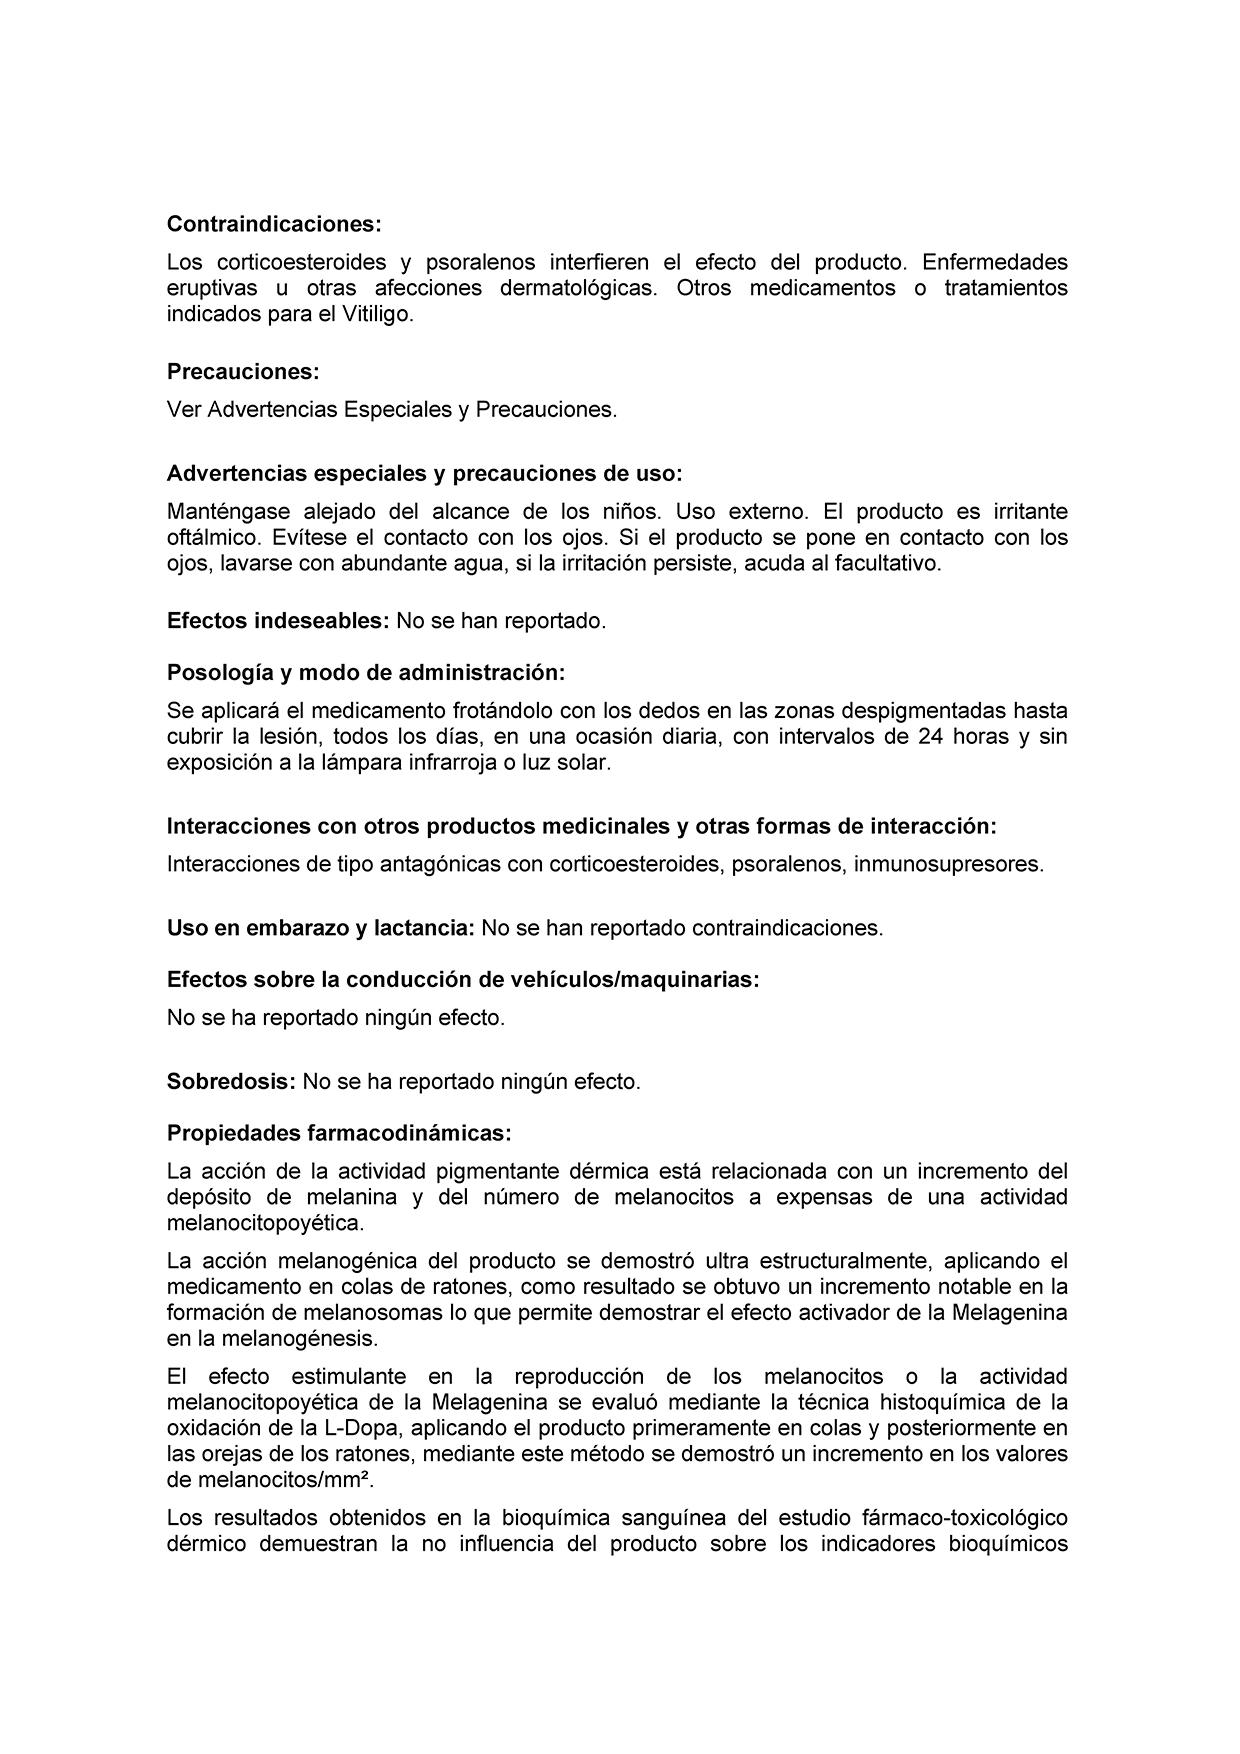 Сертификат Мелагенин Плюс 2